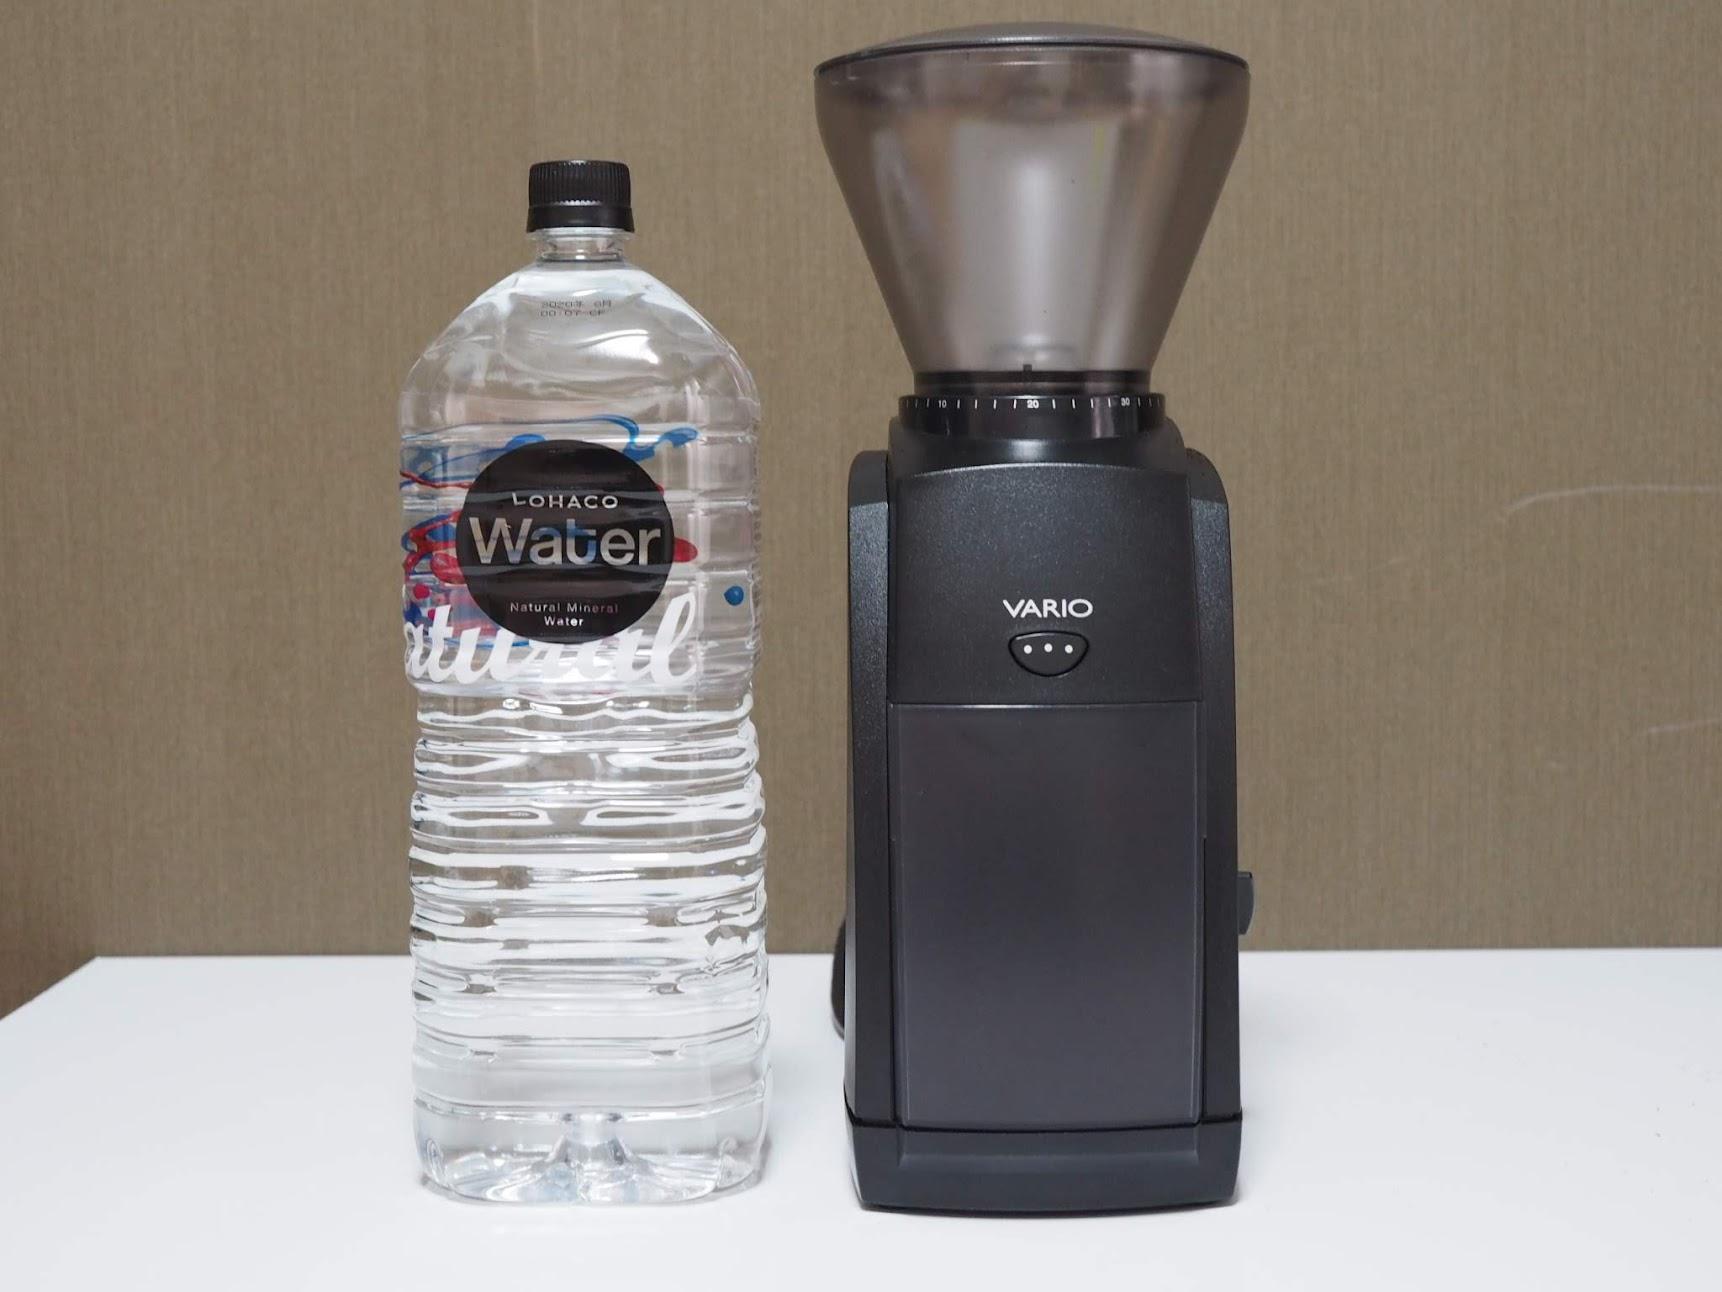 VARIOのサイズ感を2Lペットボトルと比較